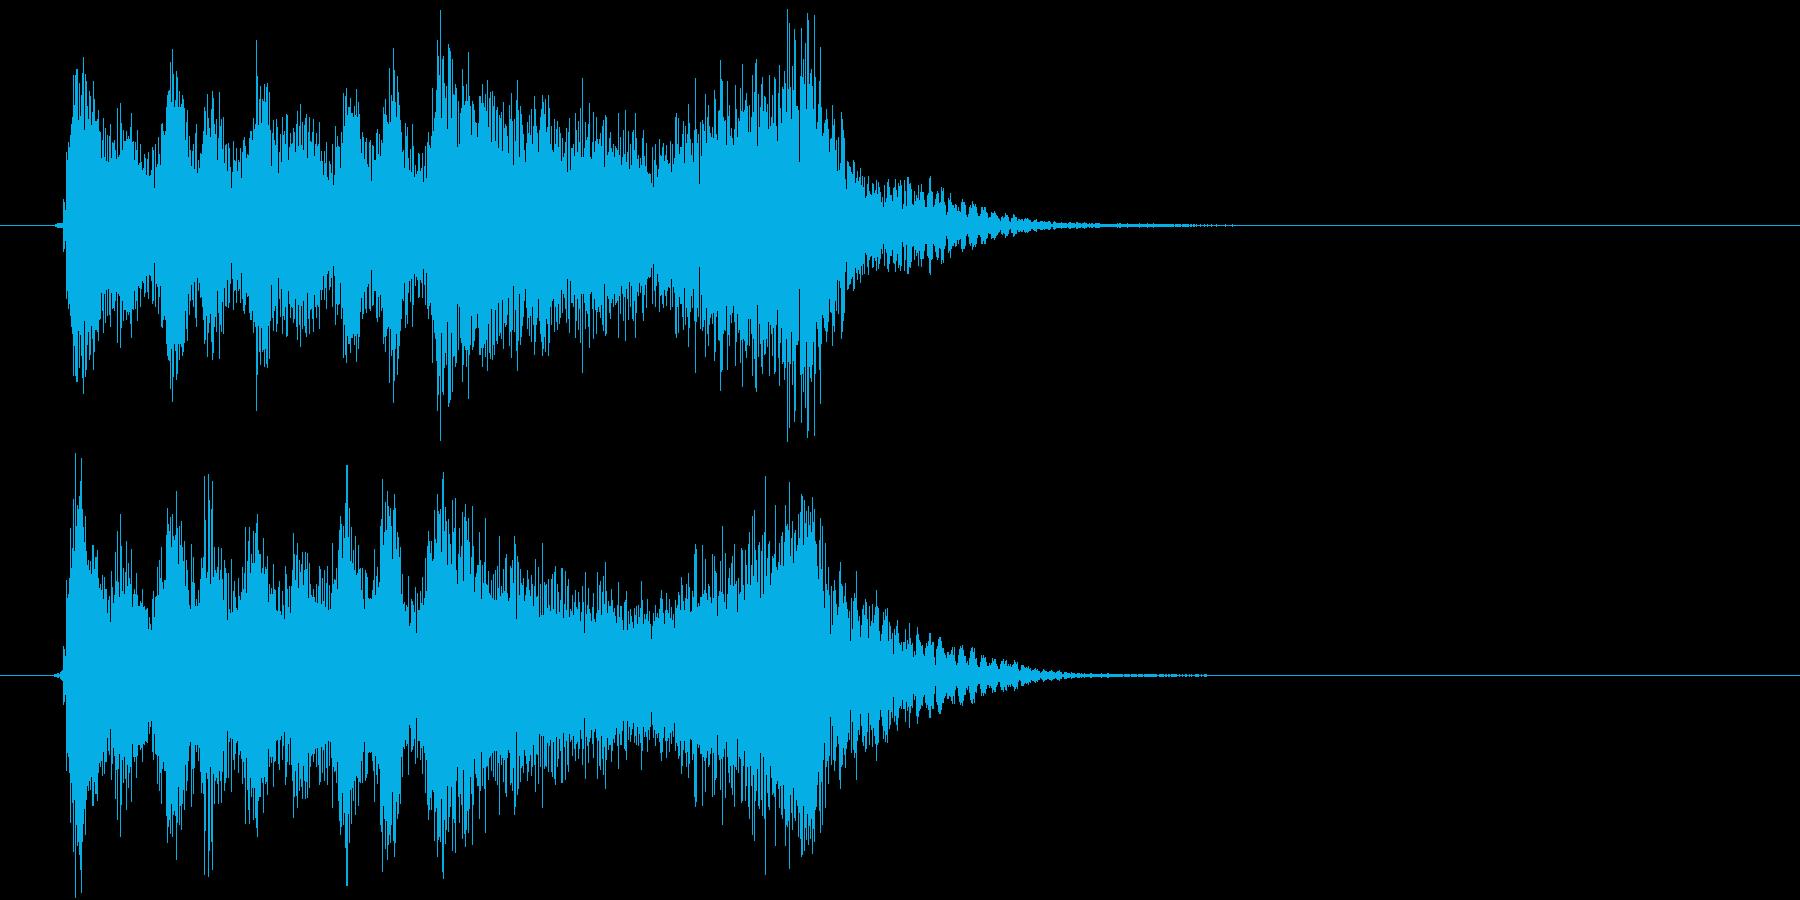 生演奏:疾走感のある弦楽四重奏&SEの再生済みの波形